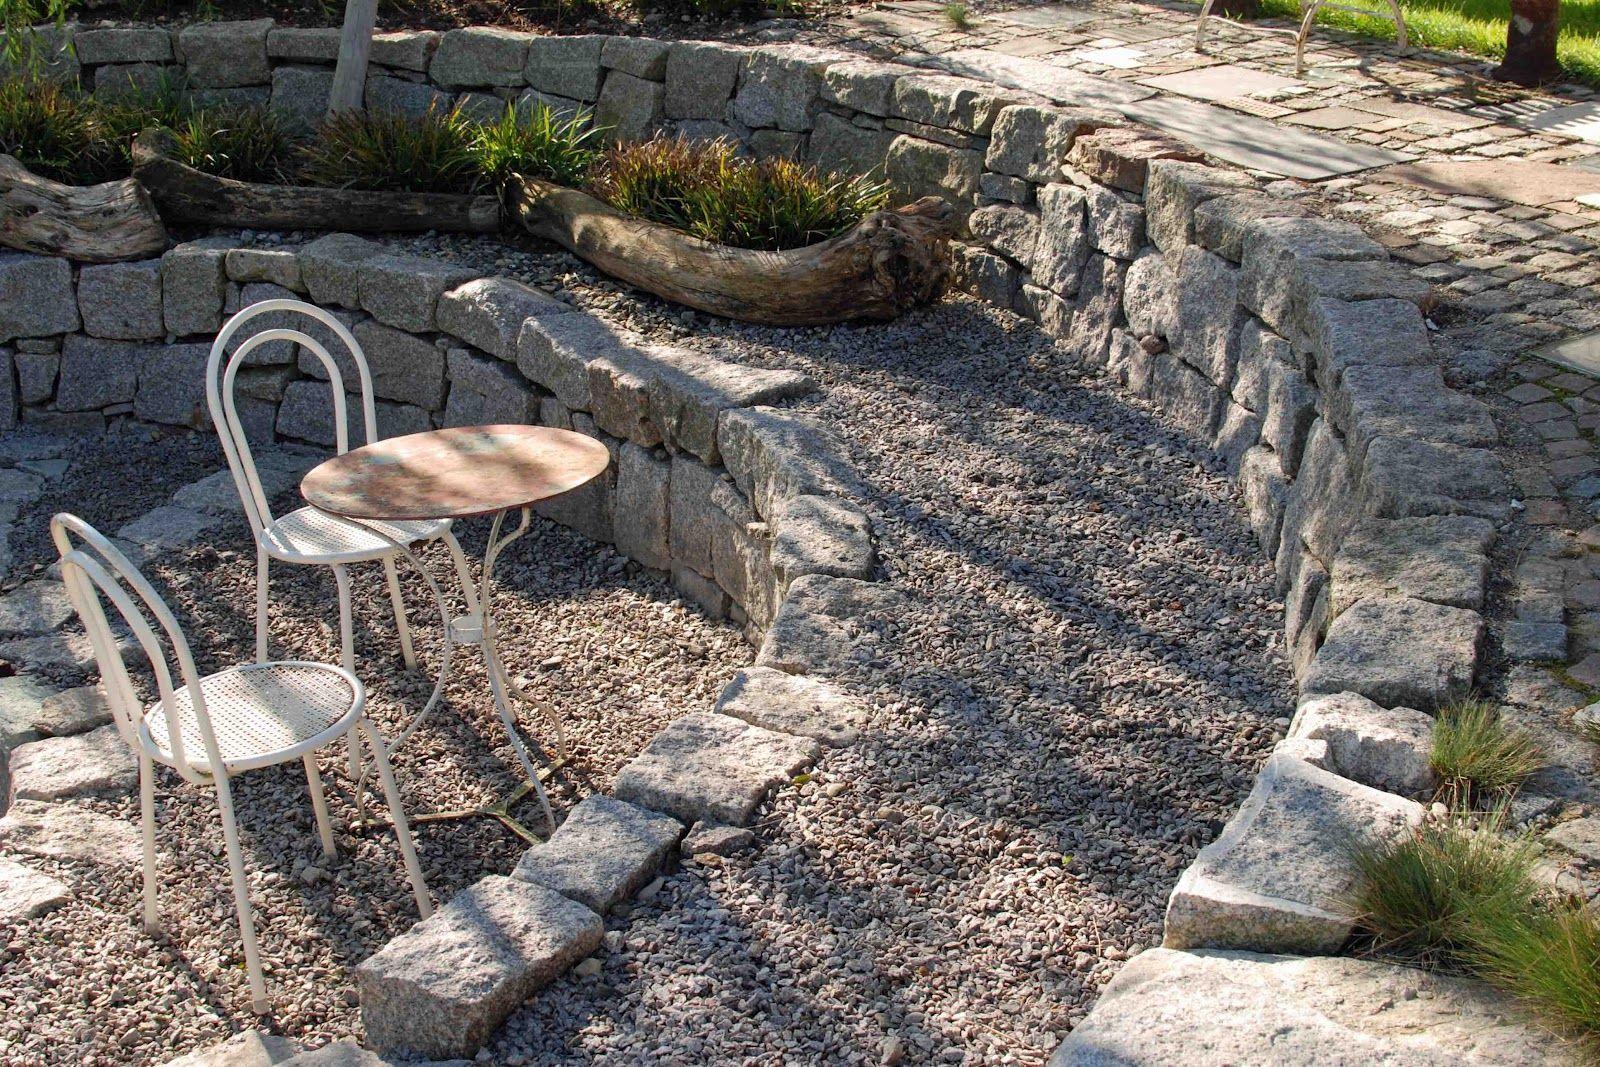 So Einen Senkgarten Möchte Ich Unbedingt Anlegen! | Garten ... Senkgarten Sitzplatz Gestalten Modern